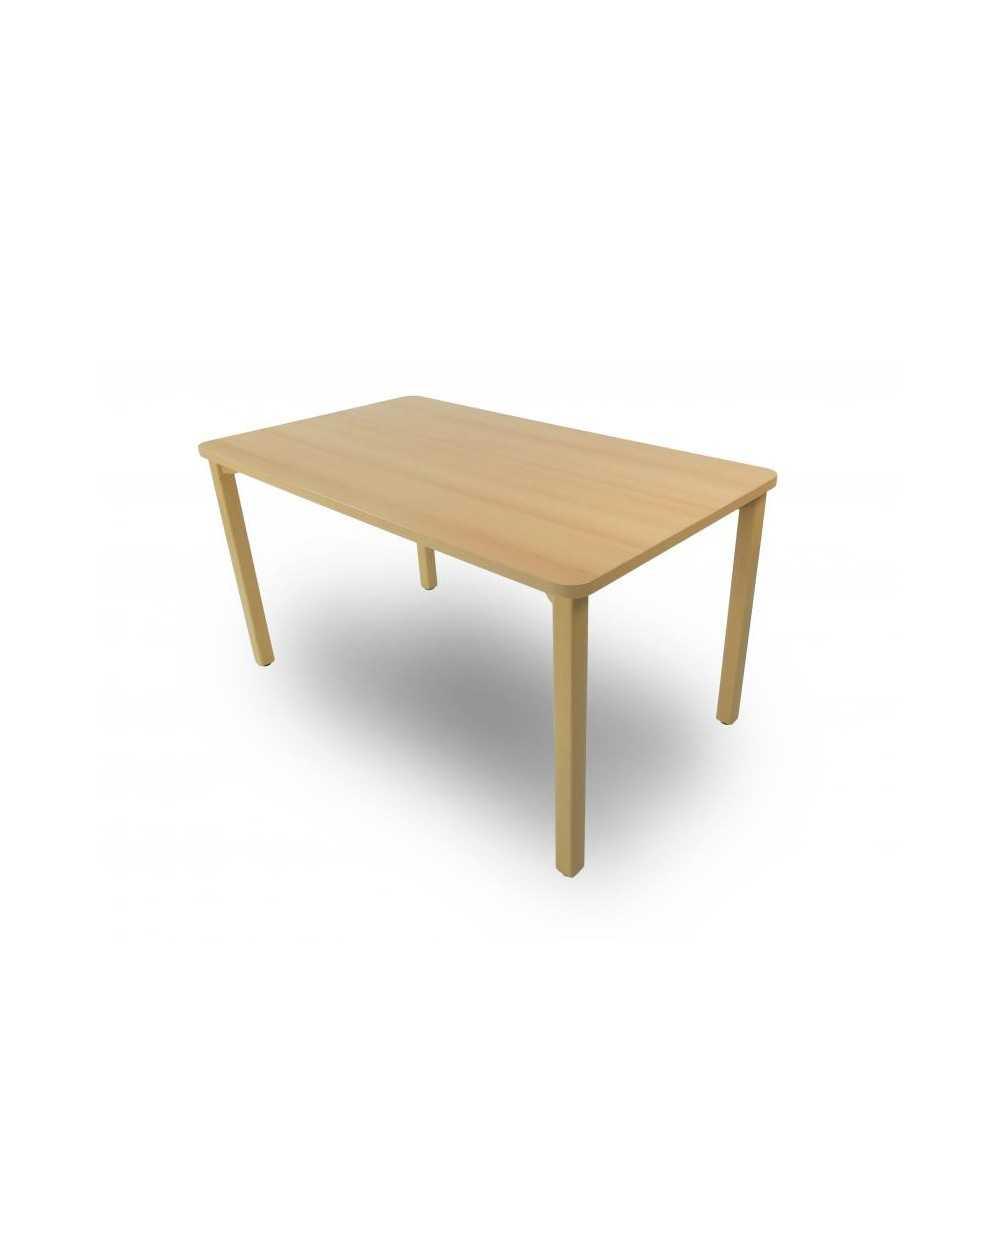 Table, avec coins arrondis, 80 x 140 x 75,5 cm (hauteur).